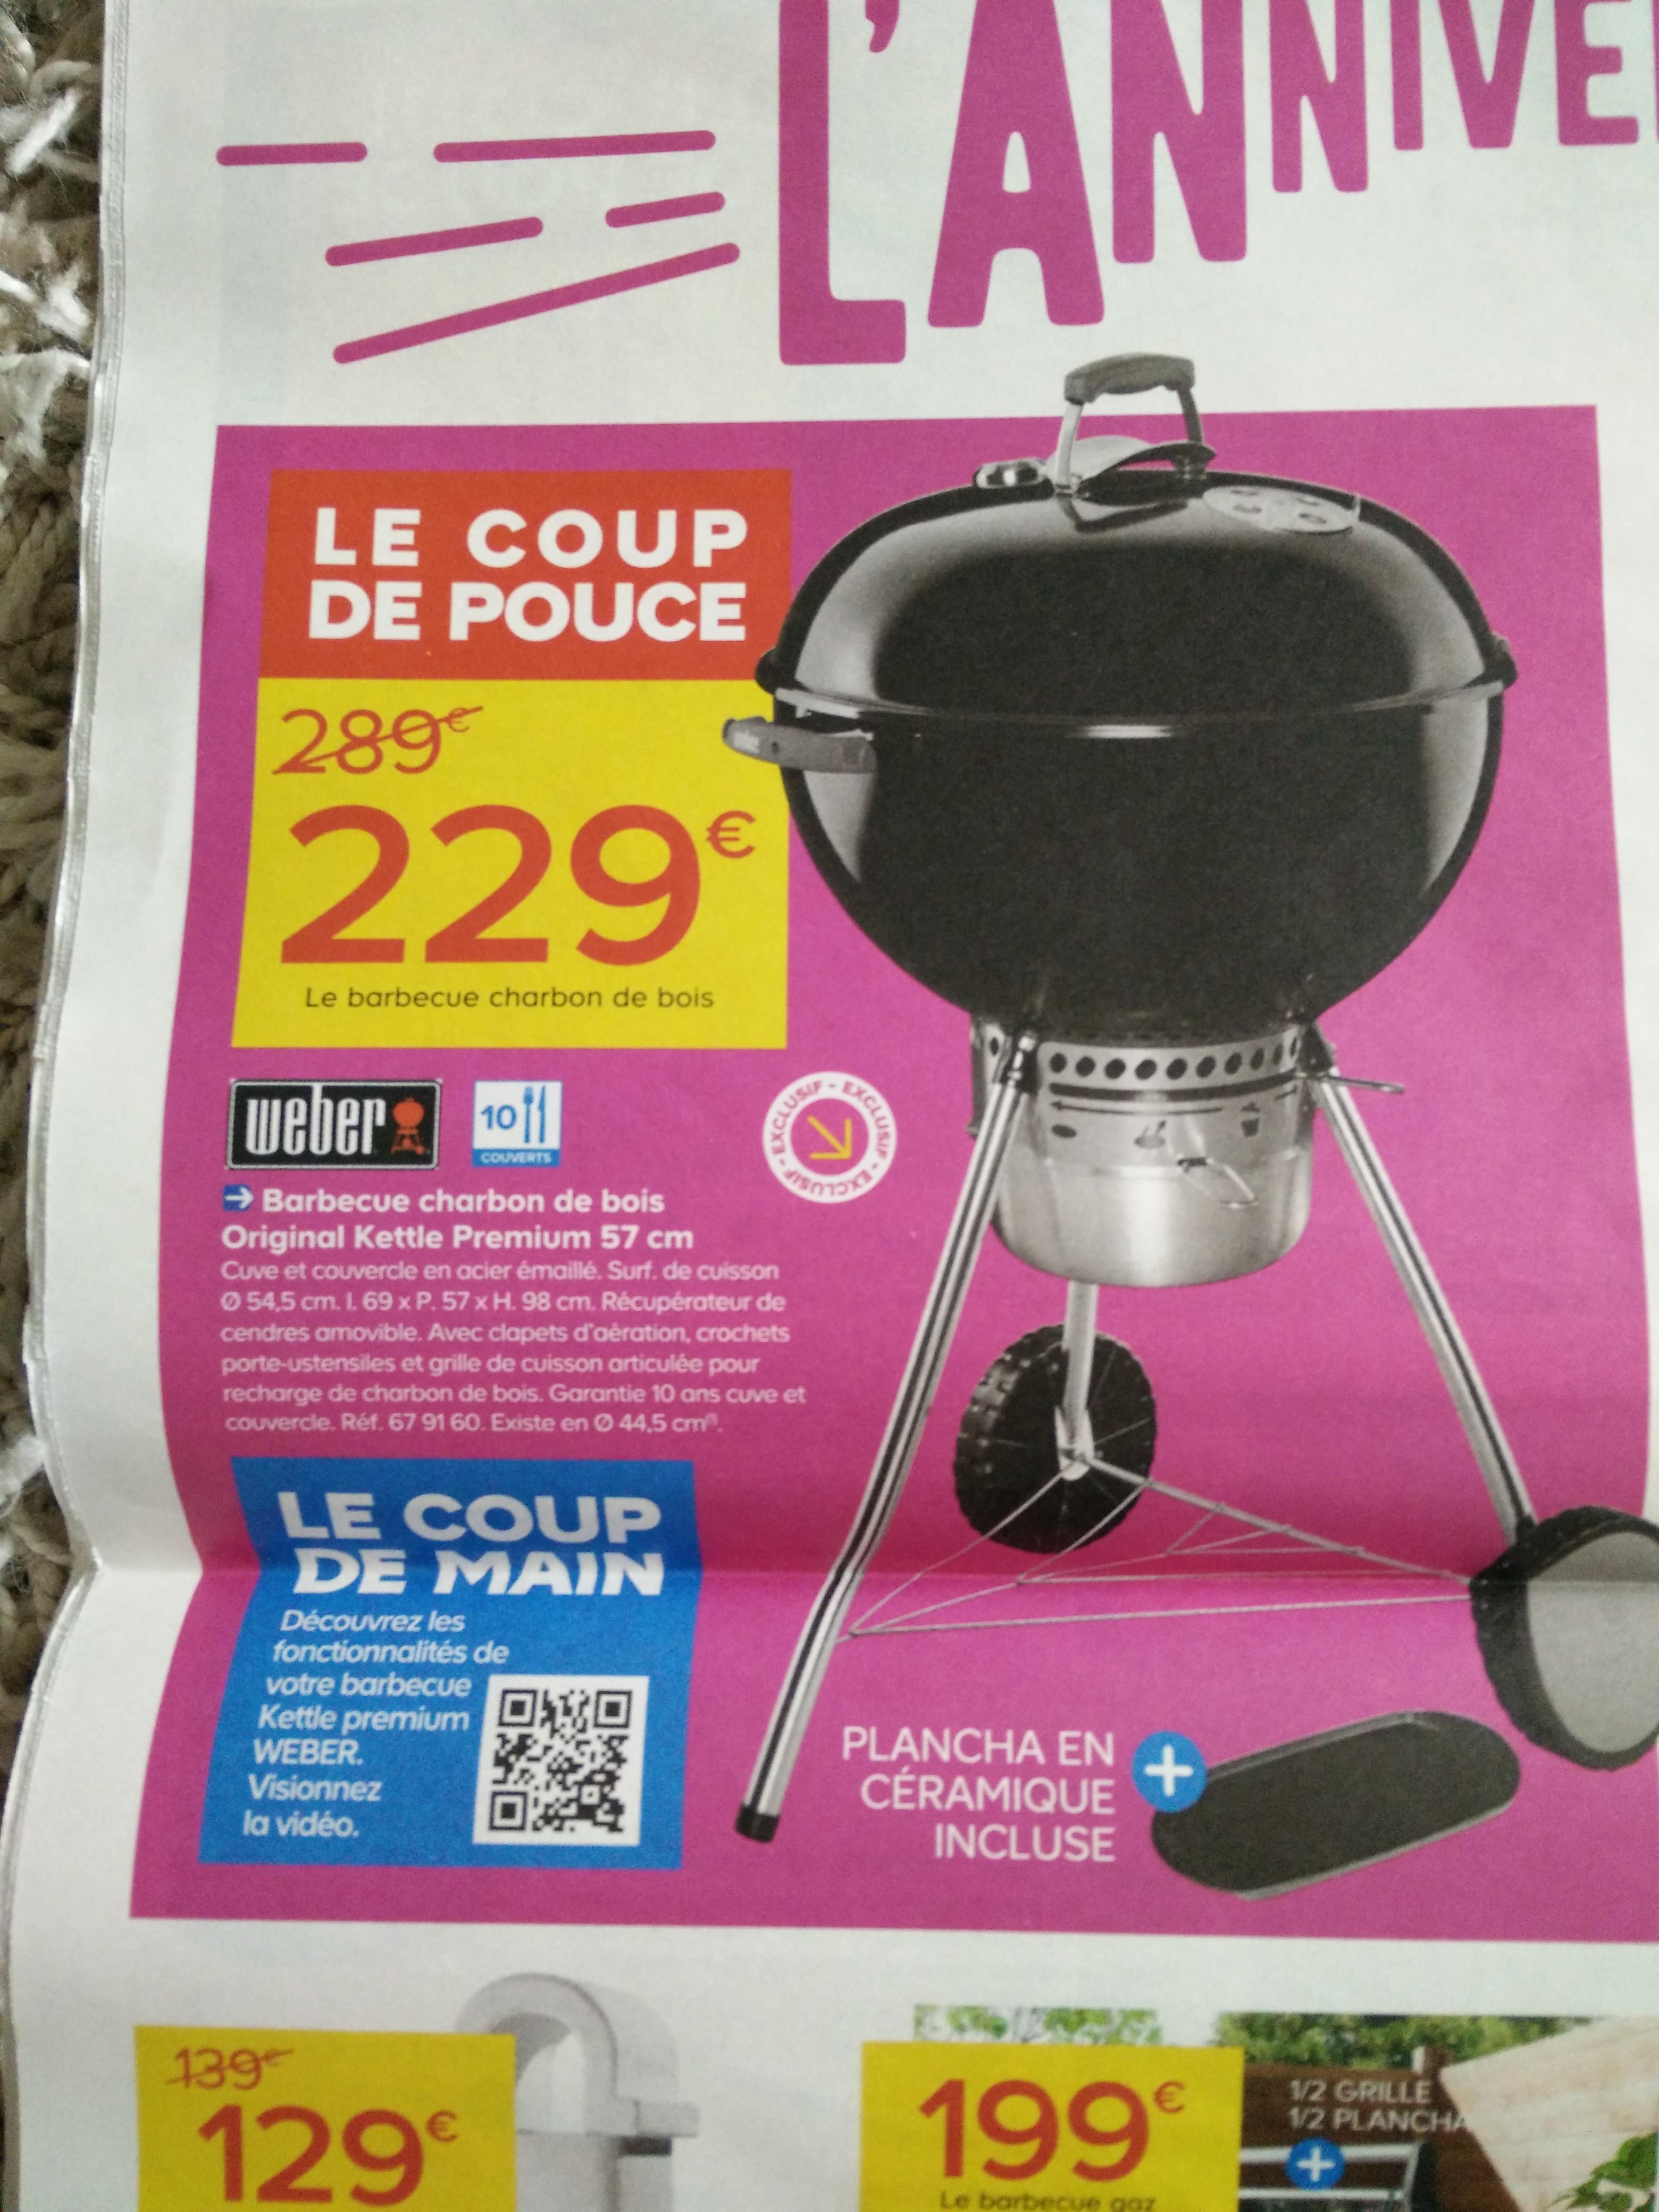 Barbecue charbon de bois Weber Original Kettle Premium 57 cm + Plancha en céramique